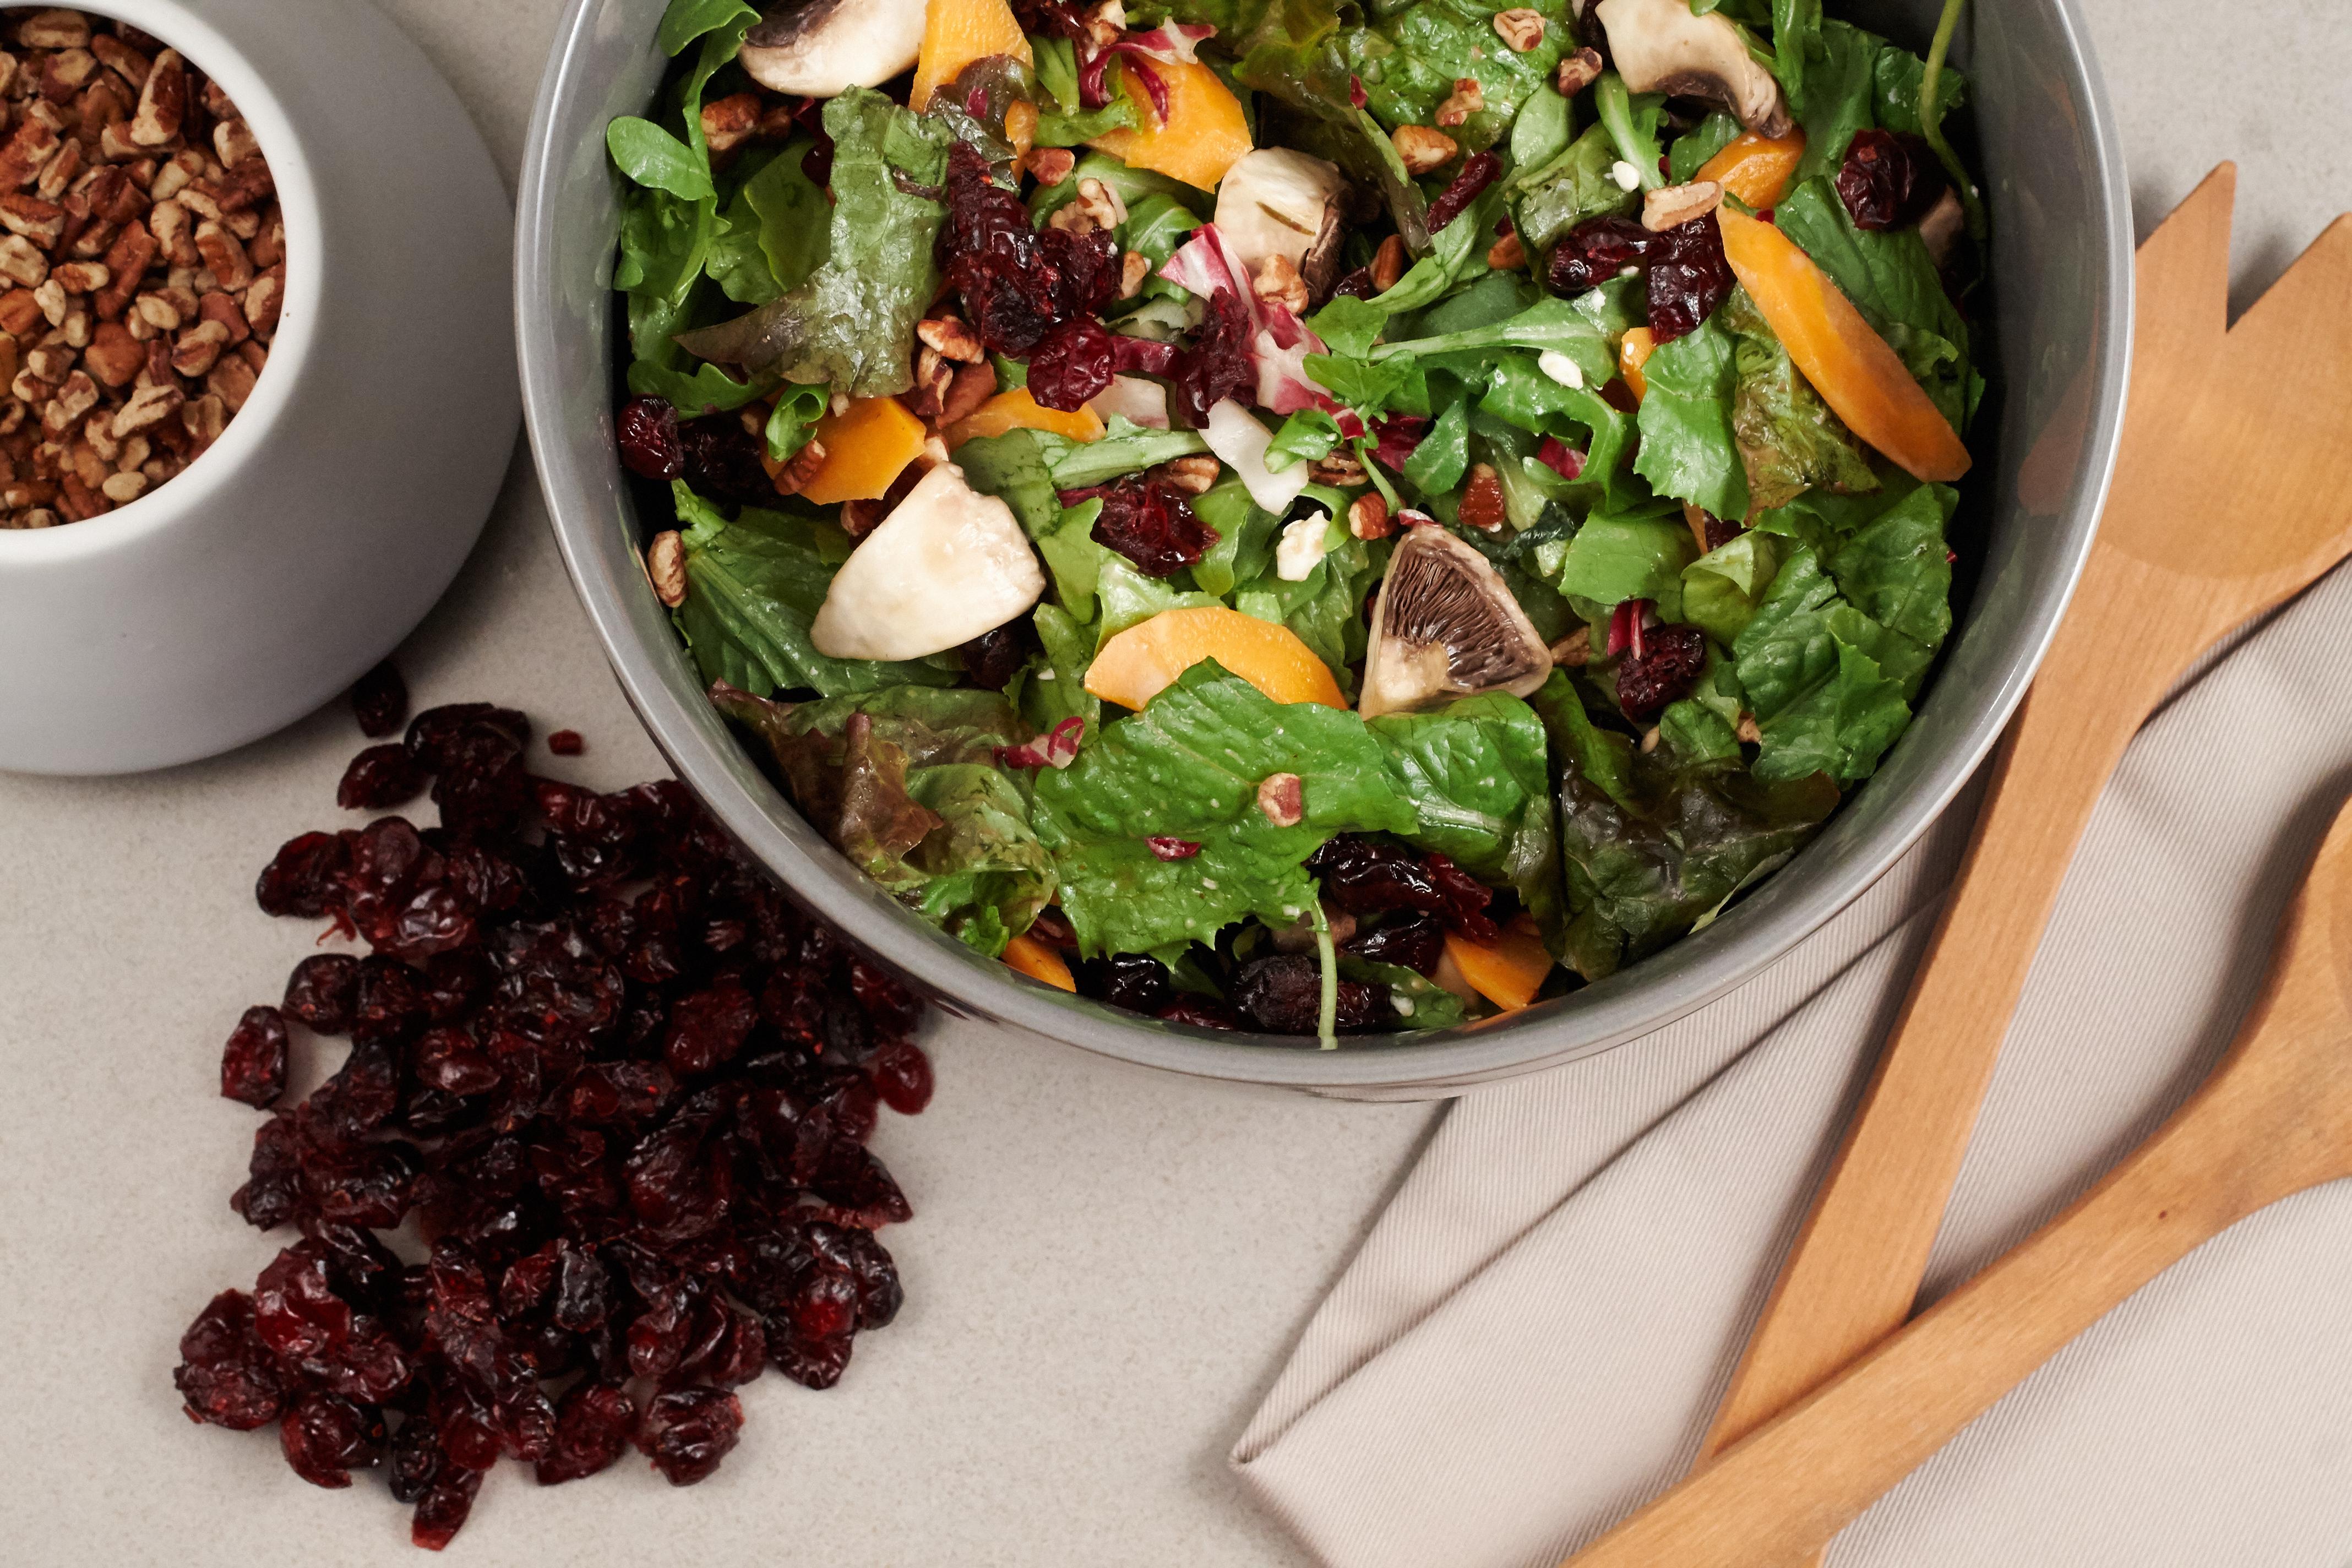 Cranberry pecan and feta salad